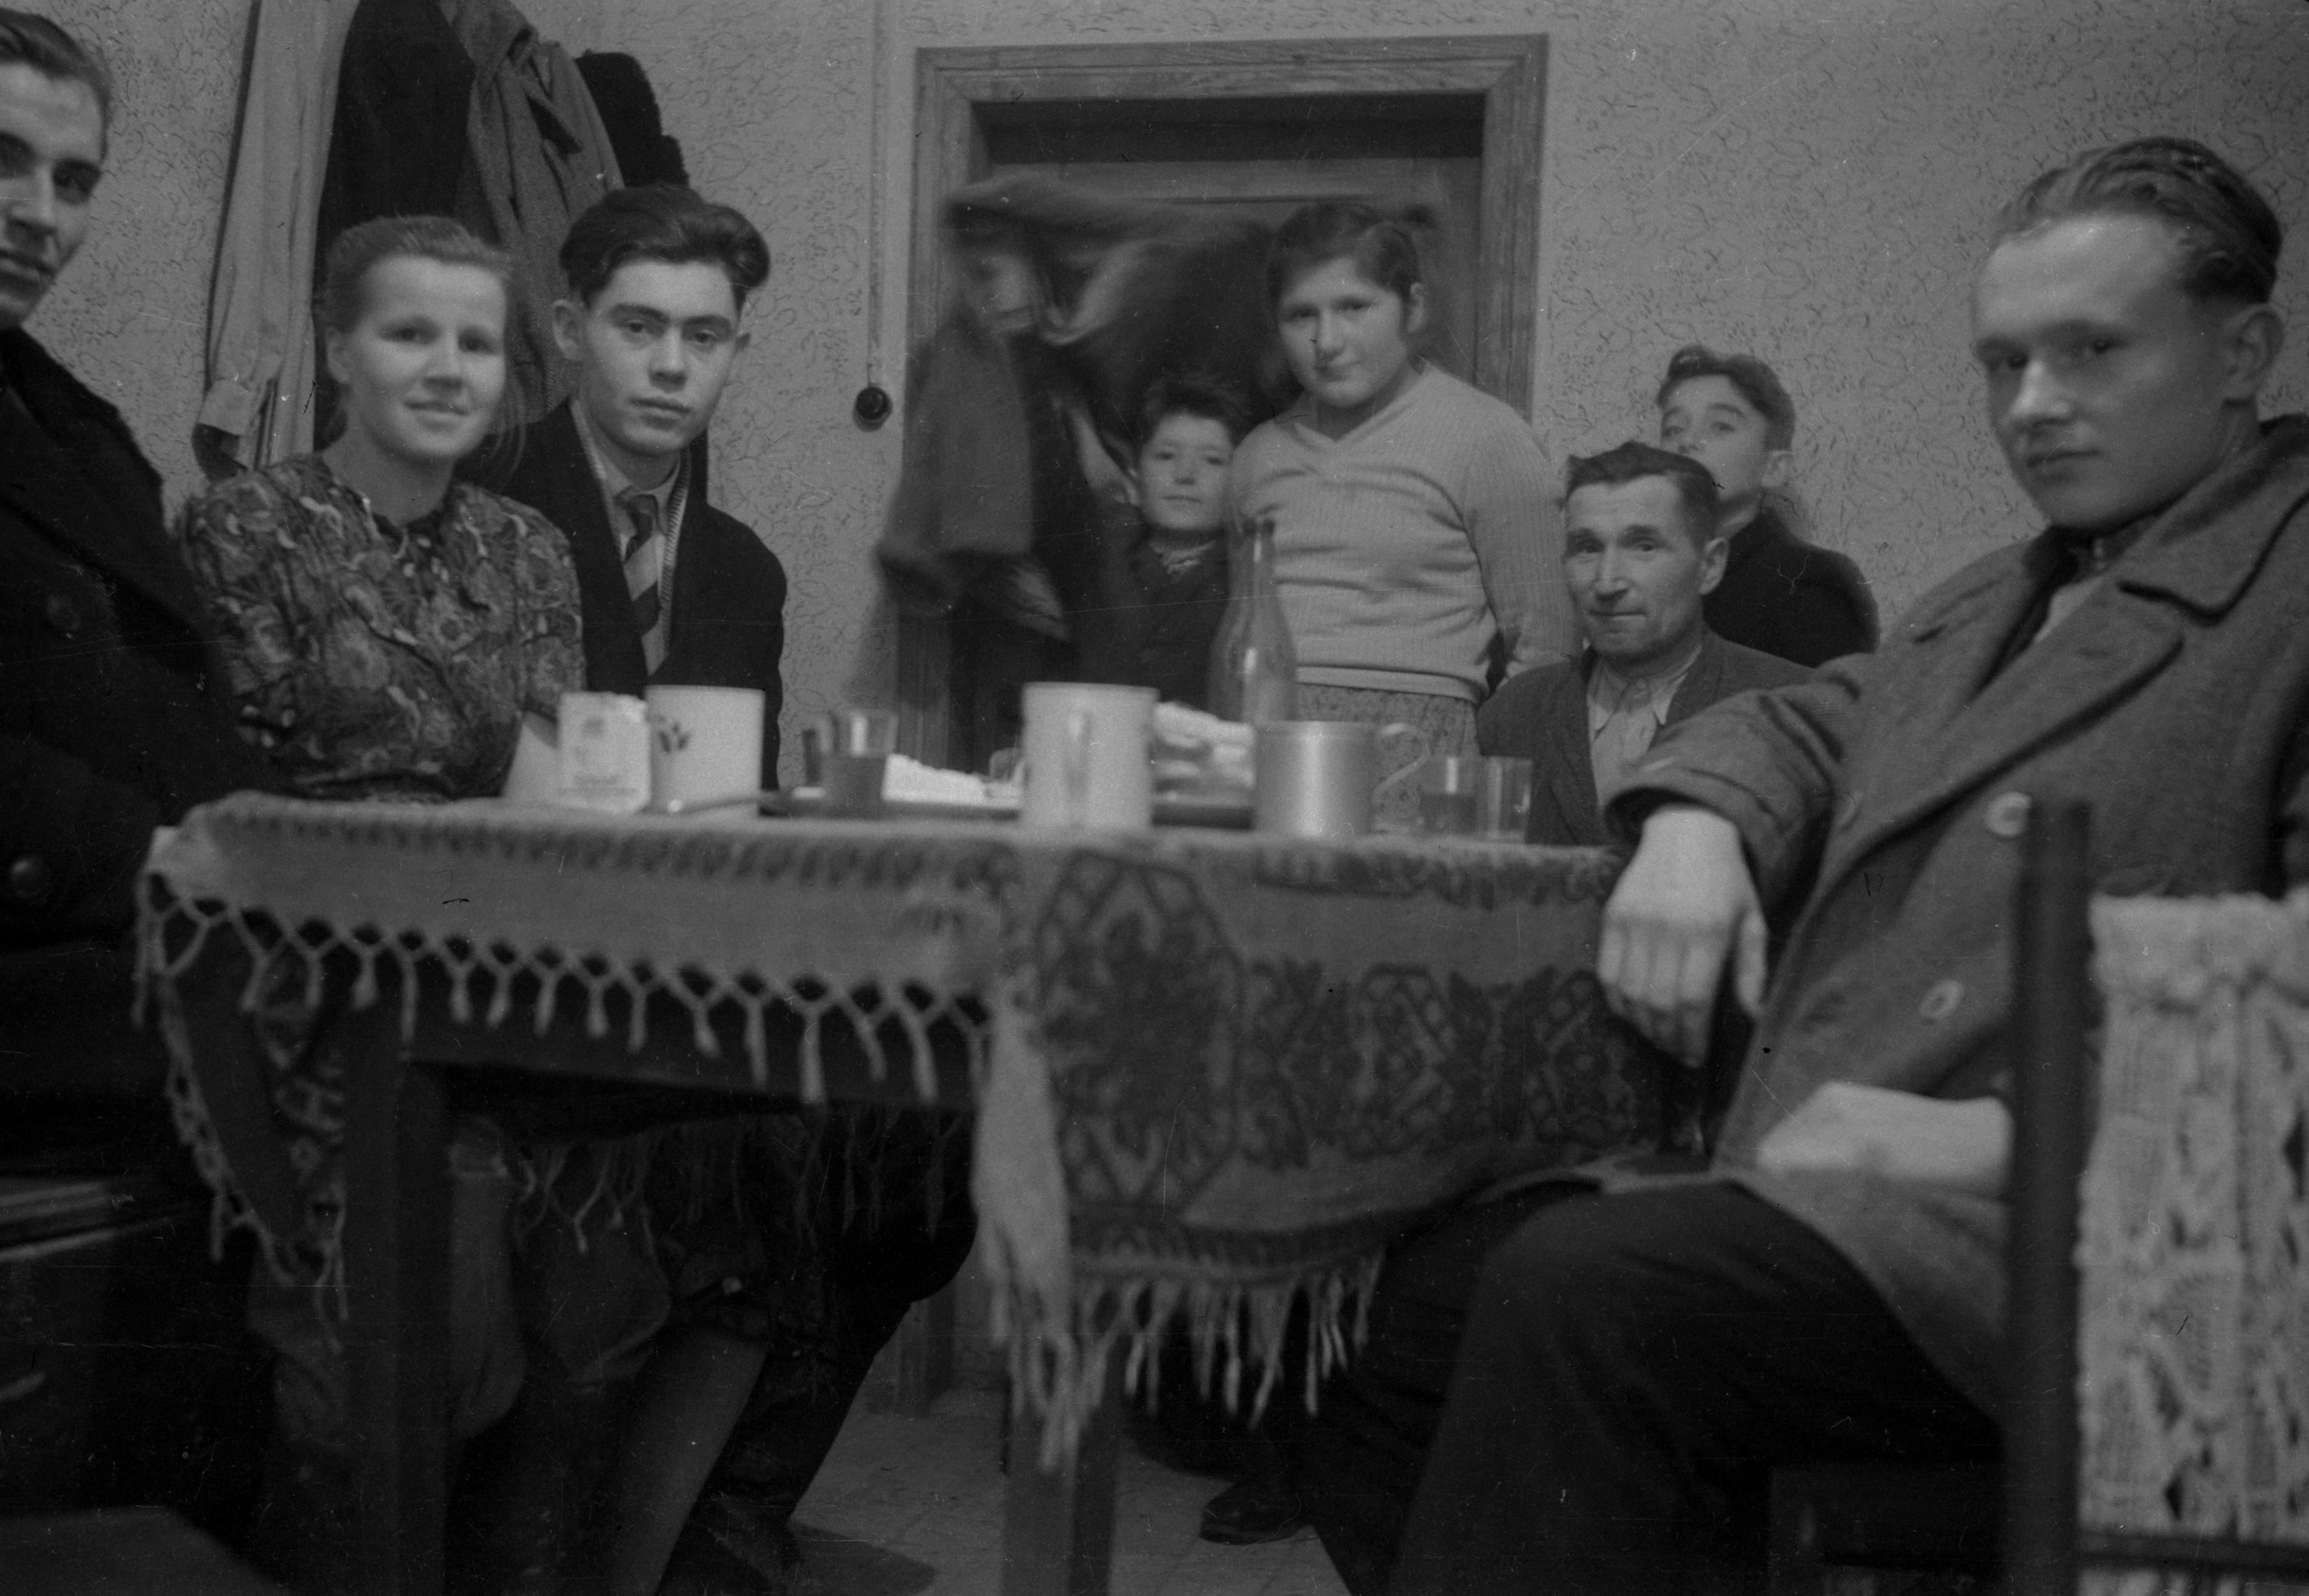 Popołudnie przy stole, Dolny Śląsk, 2. poł. XX w.